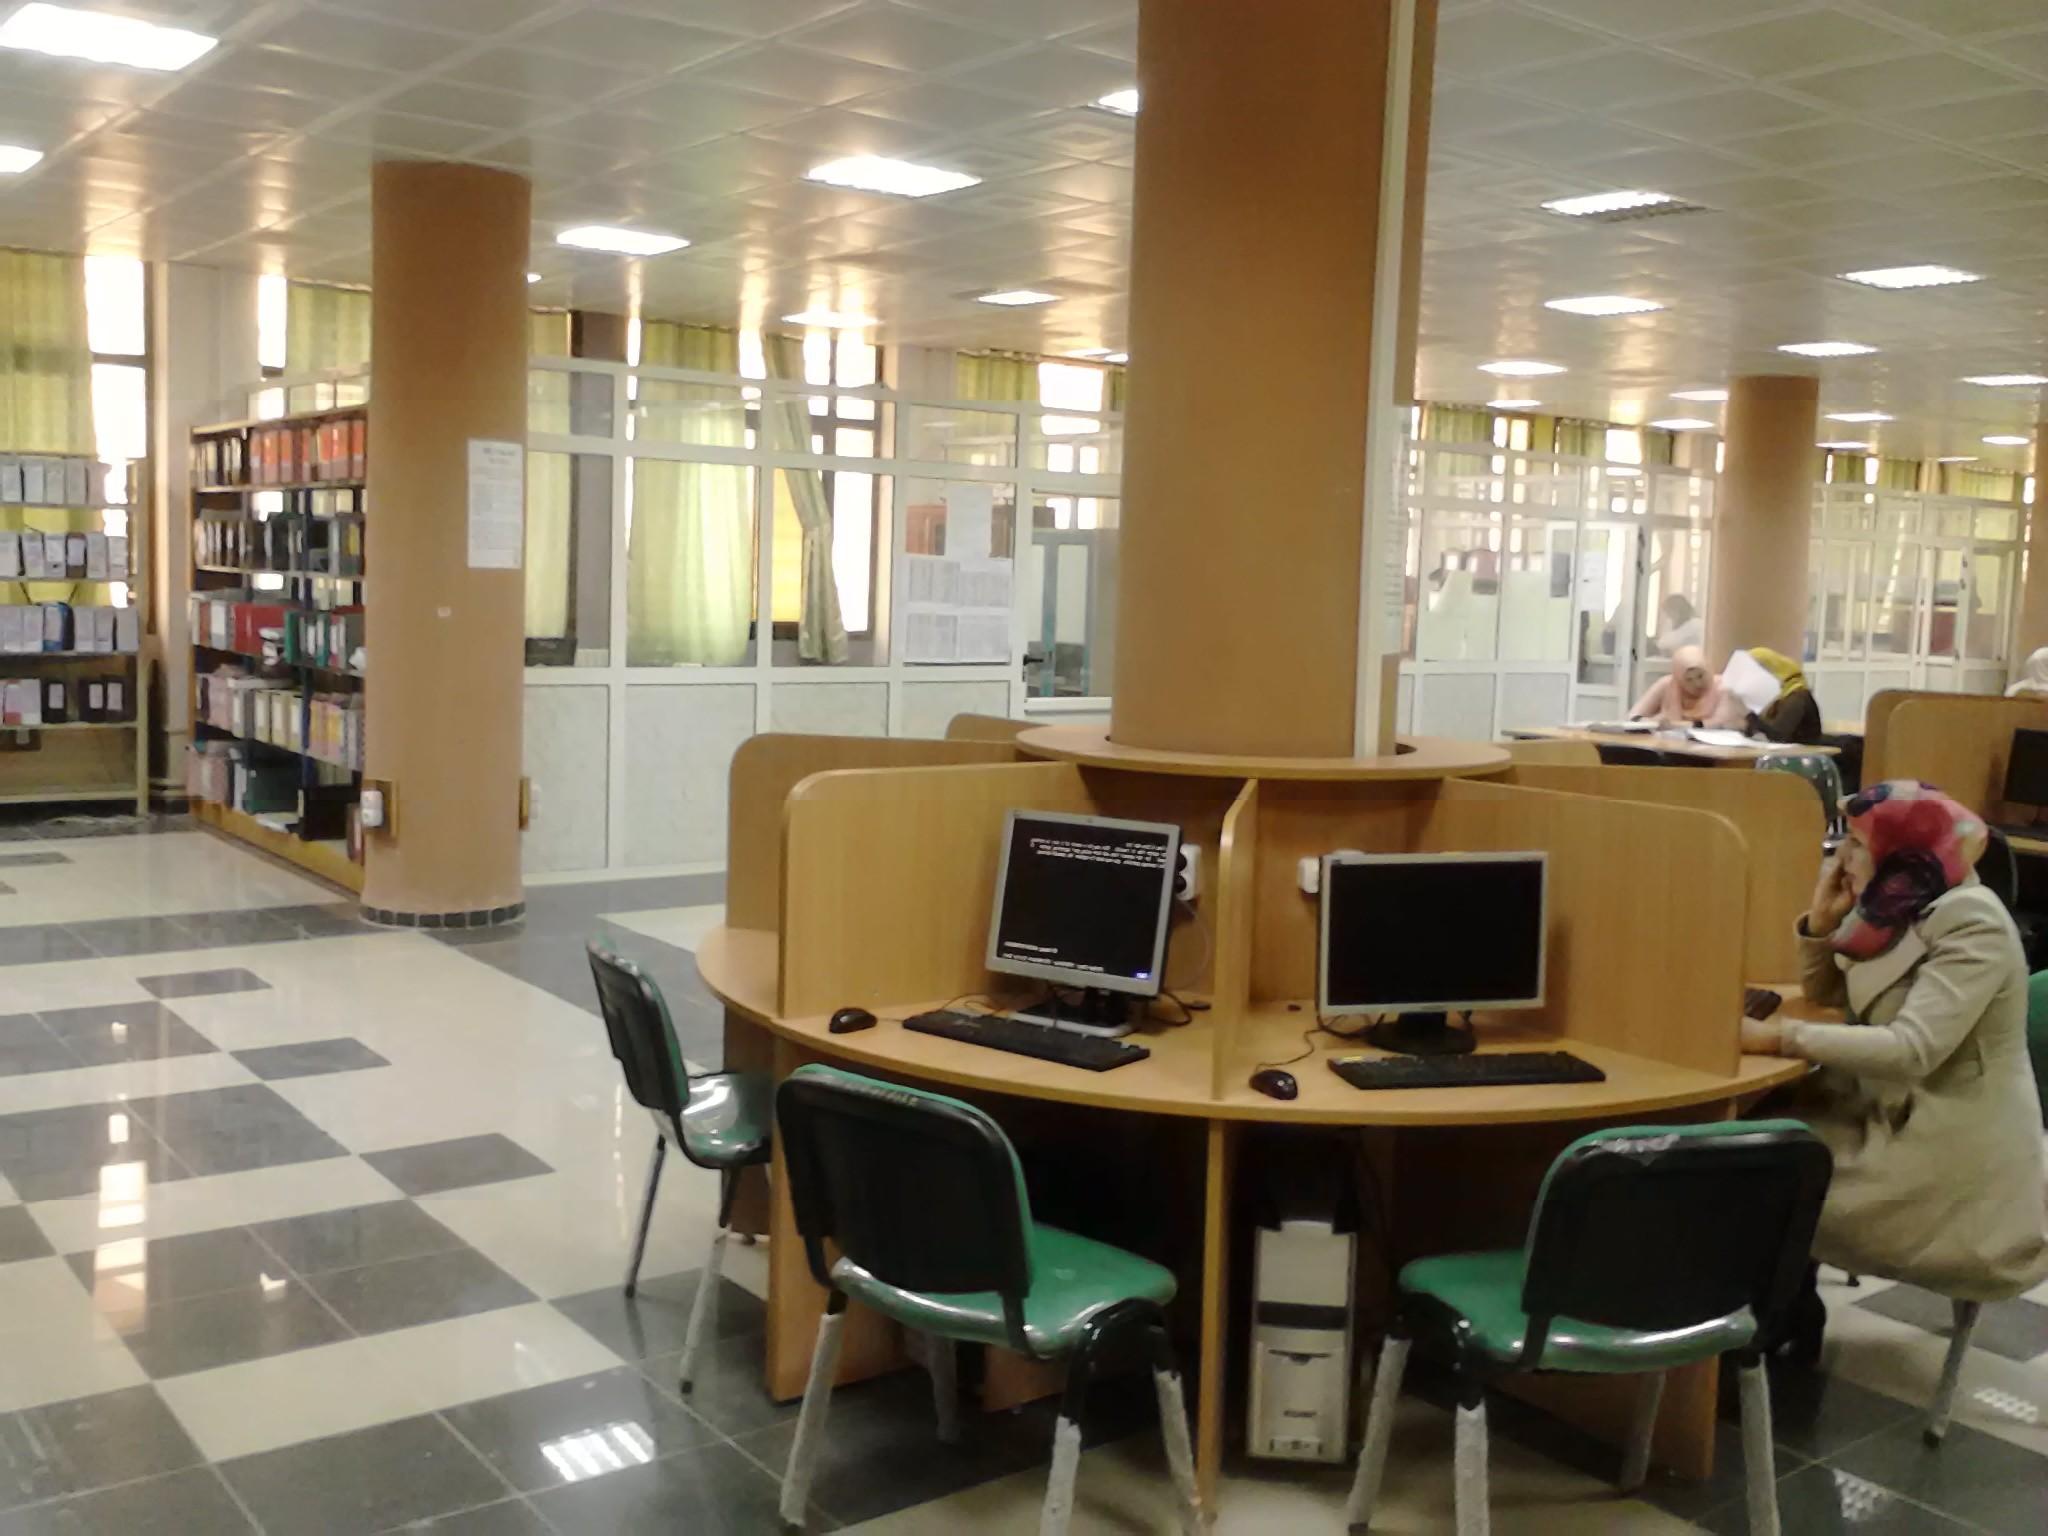 برنامج الامتحانات الخاص بالسداسي الثاني للموسم الجامعي 2015-2016